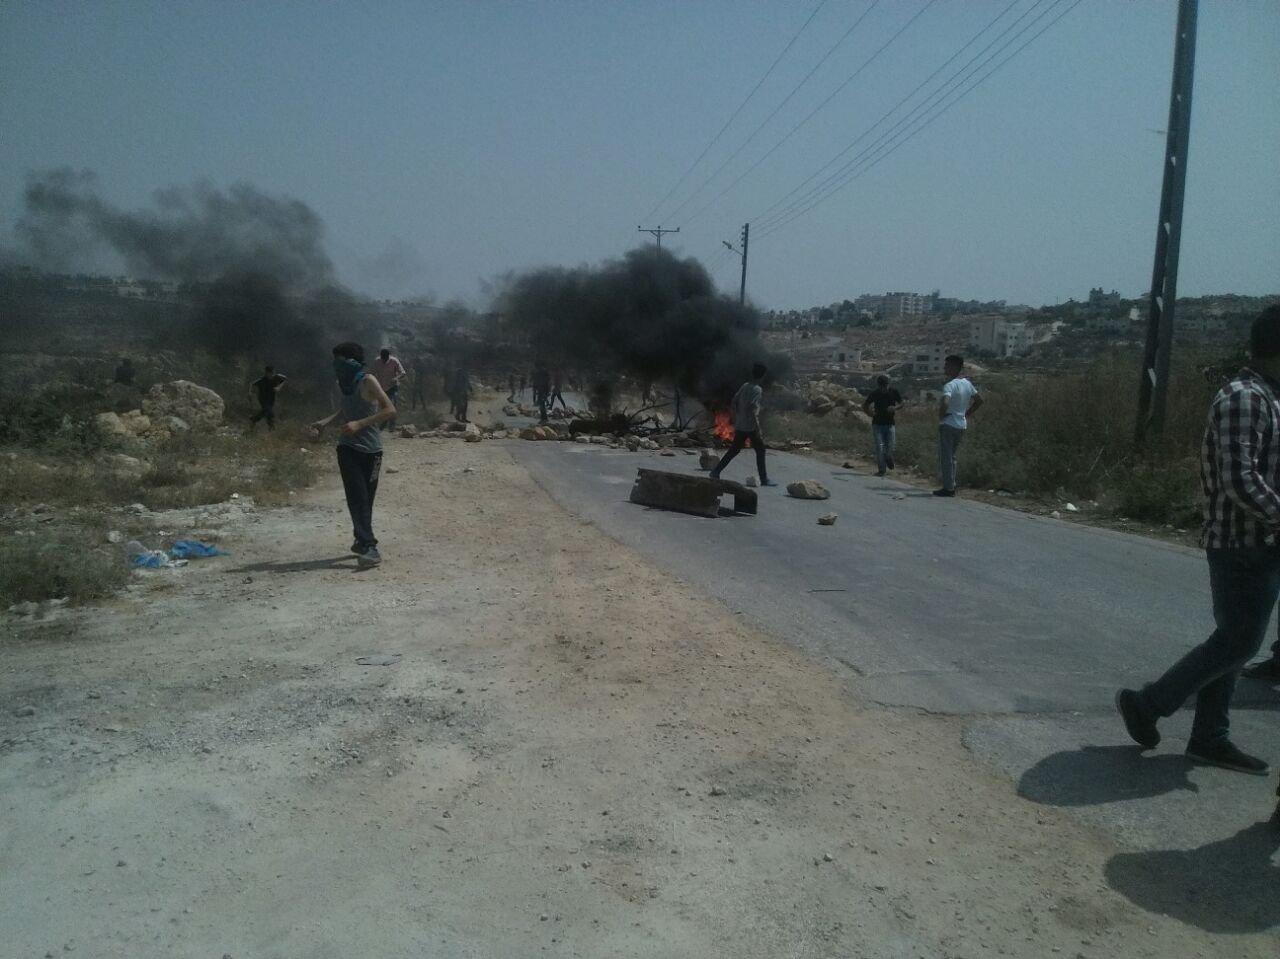 إسرائيل تغلق مدخلي كوبر ودير نظام شمال رام الله